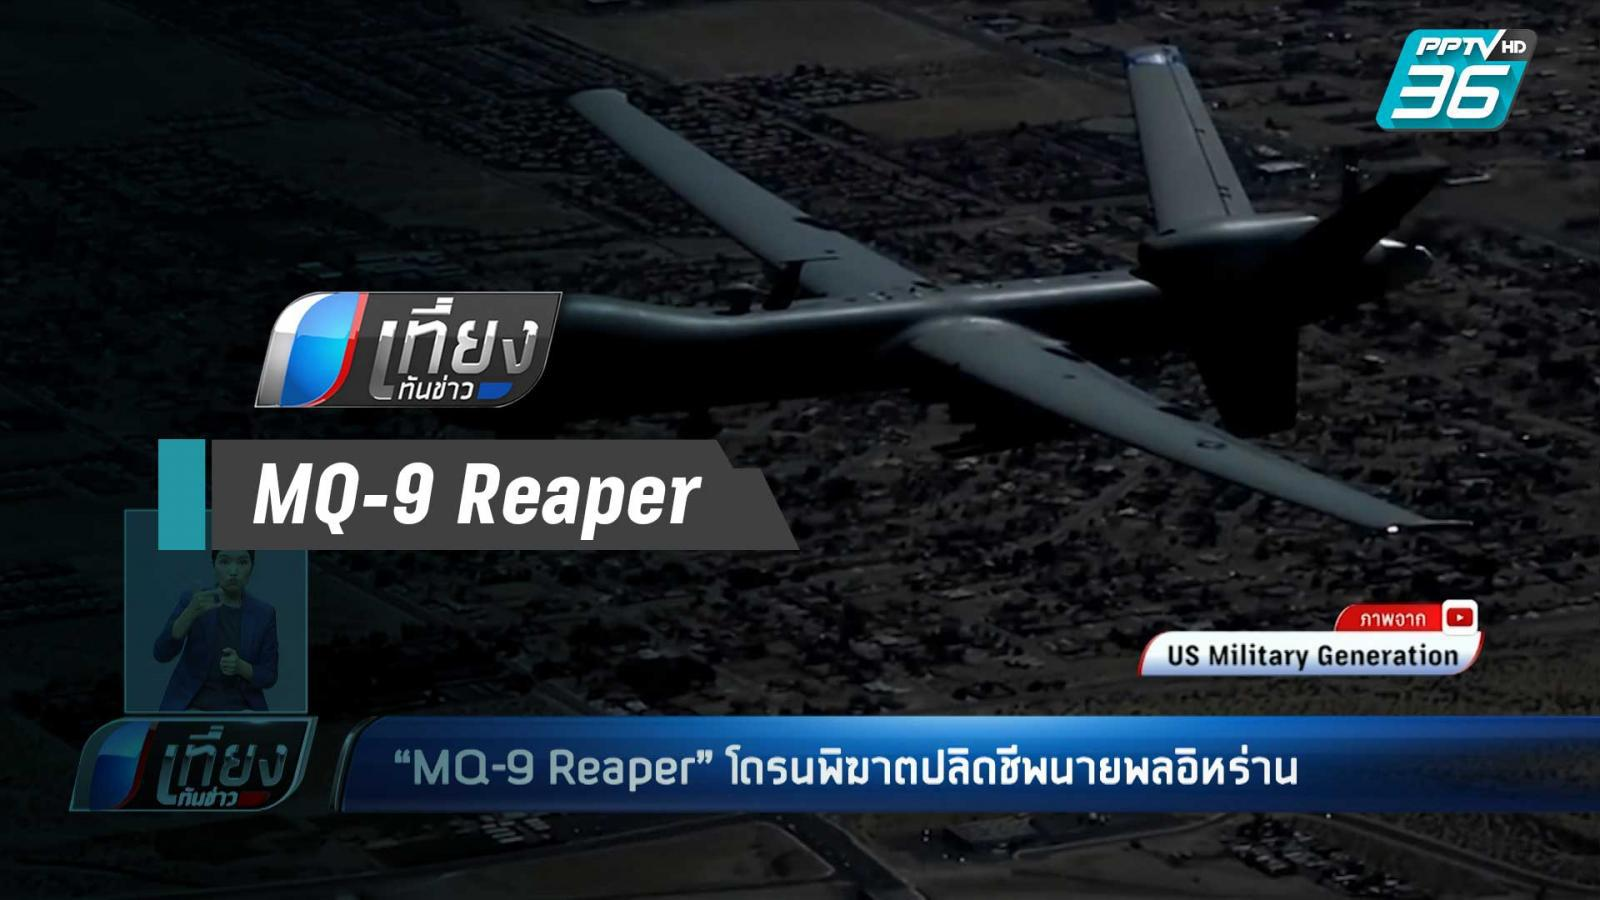 """""""MQ-9 Reaper"""" โดรนพิฆาต ปลิดชีพนายพลอิหร่าน"""